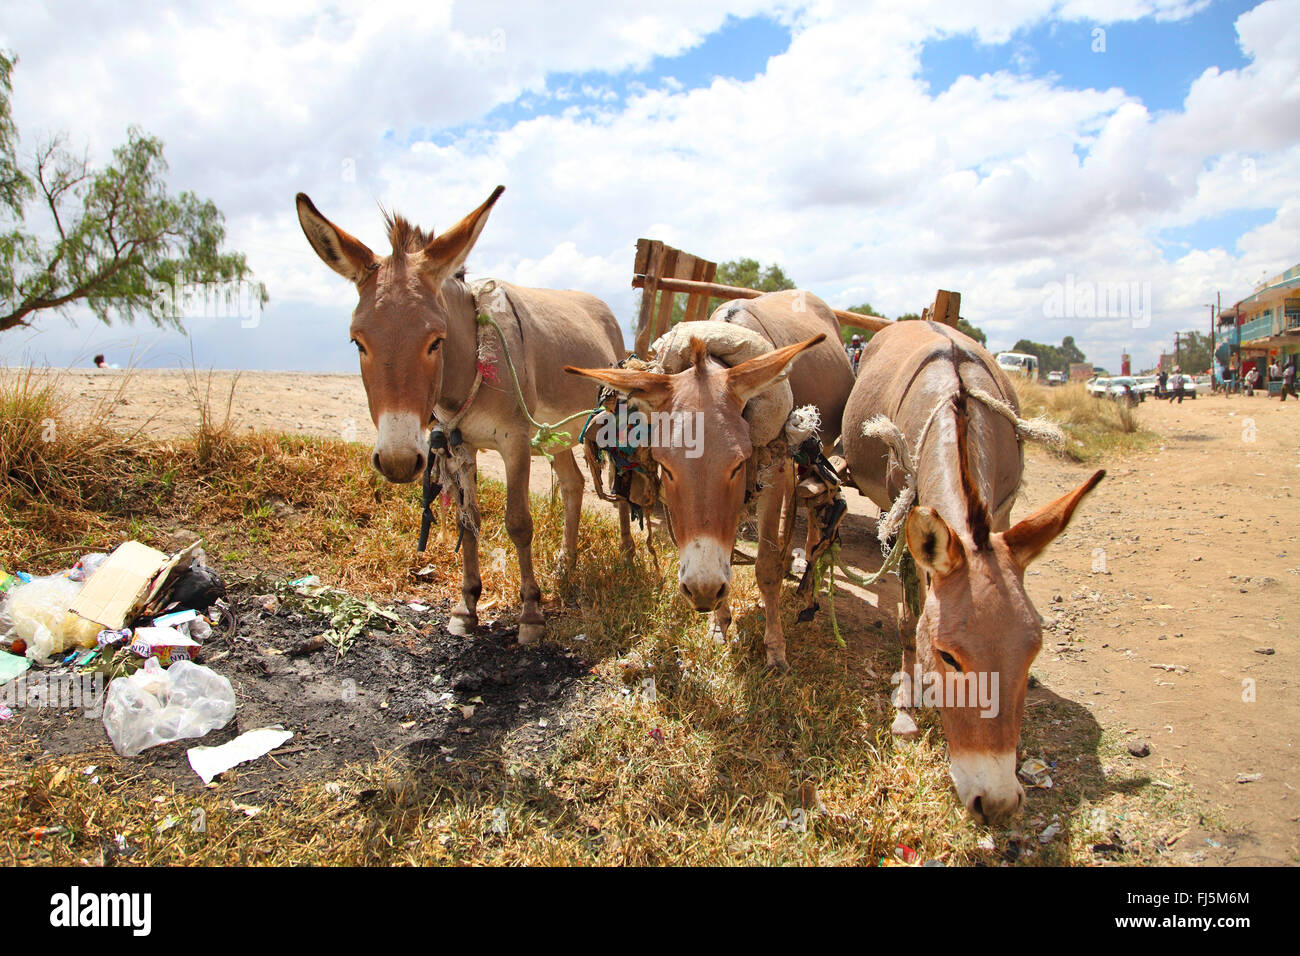 Domestic donkey (Equus asinus asinus), three domestic donkeys, Kenya - Stock Image